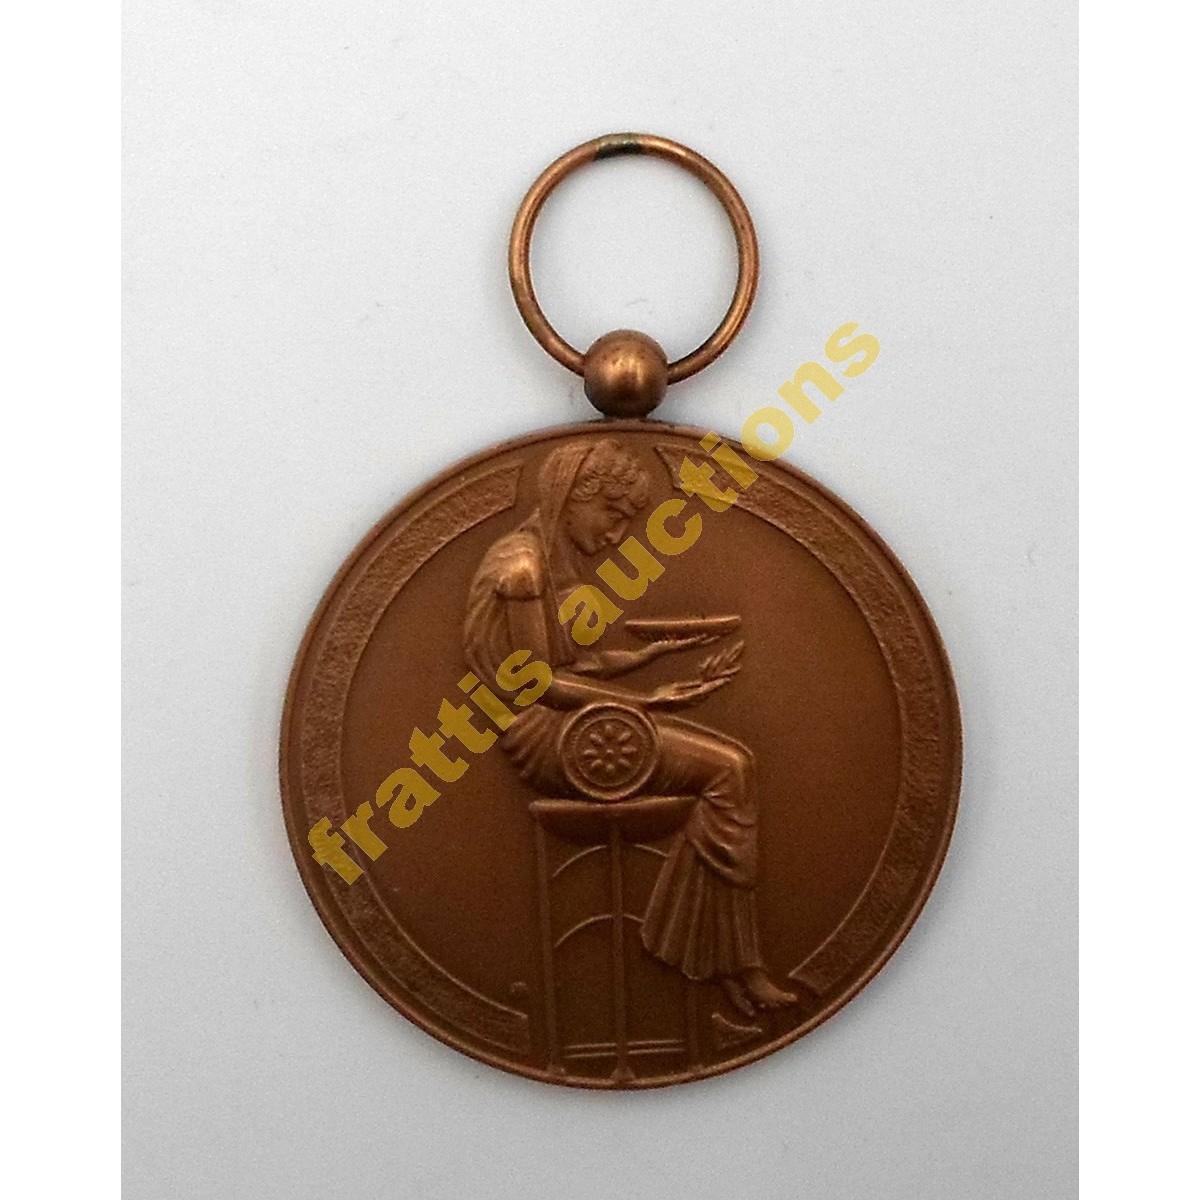 Τεκτονικό μετάλλιο, στοά Δελφοί 1973.